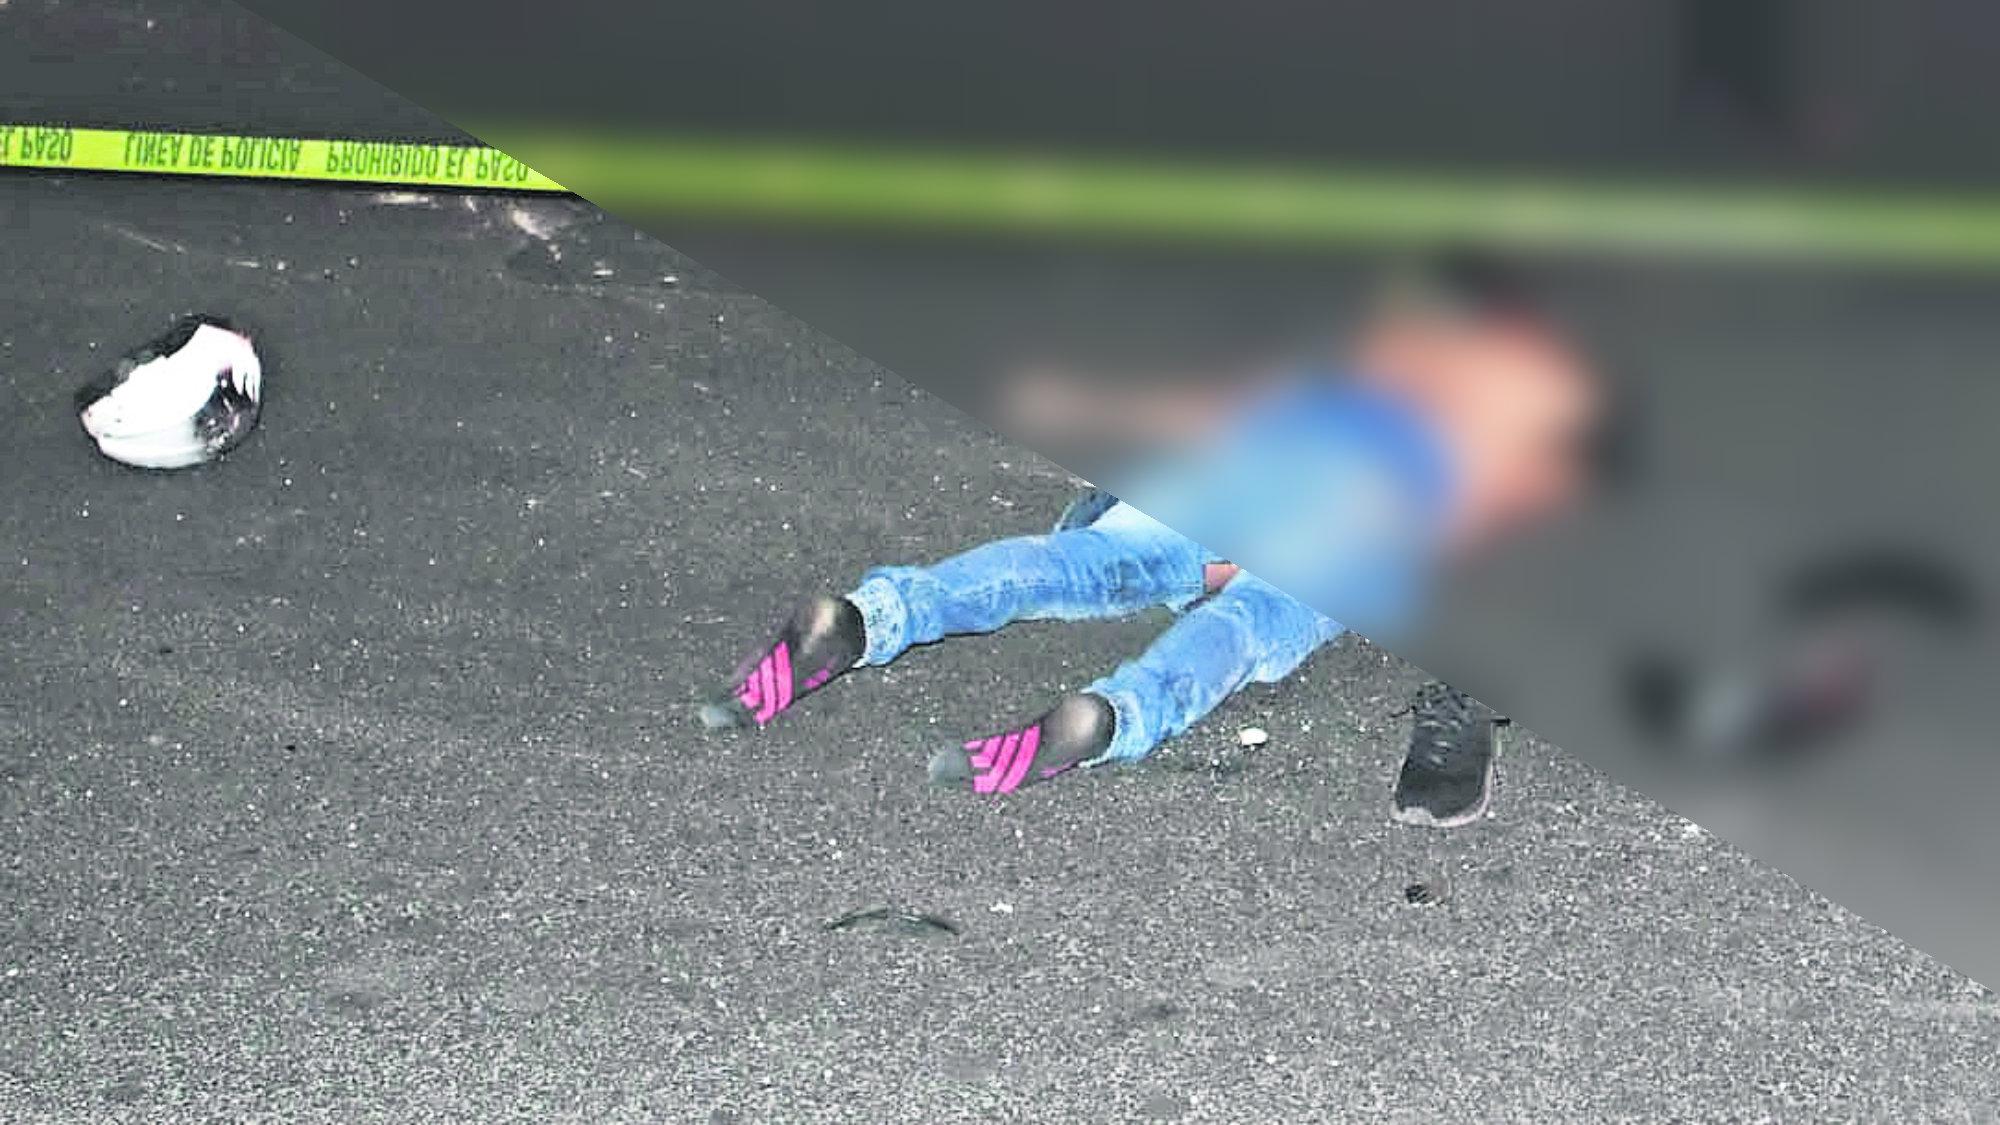 Motociclista muerto Cráneo fracturado Tláhuac CDMX